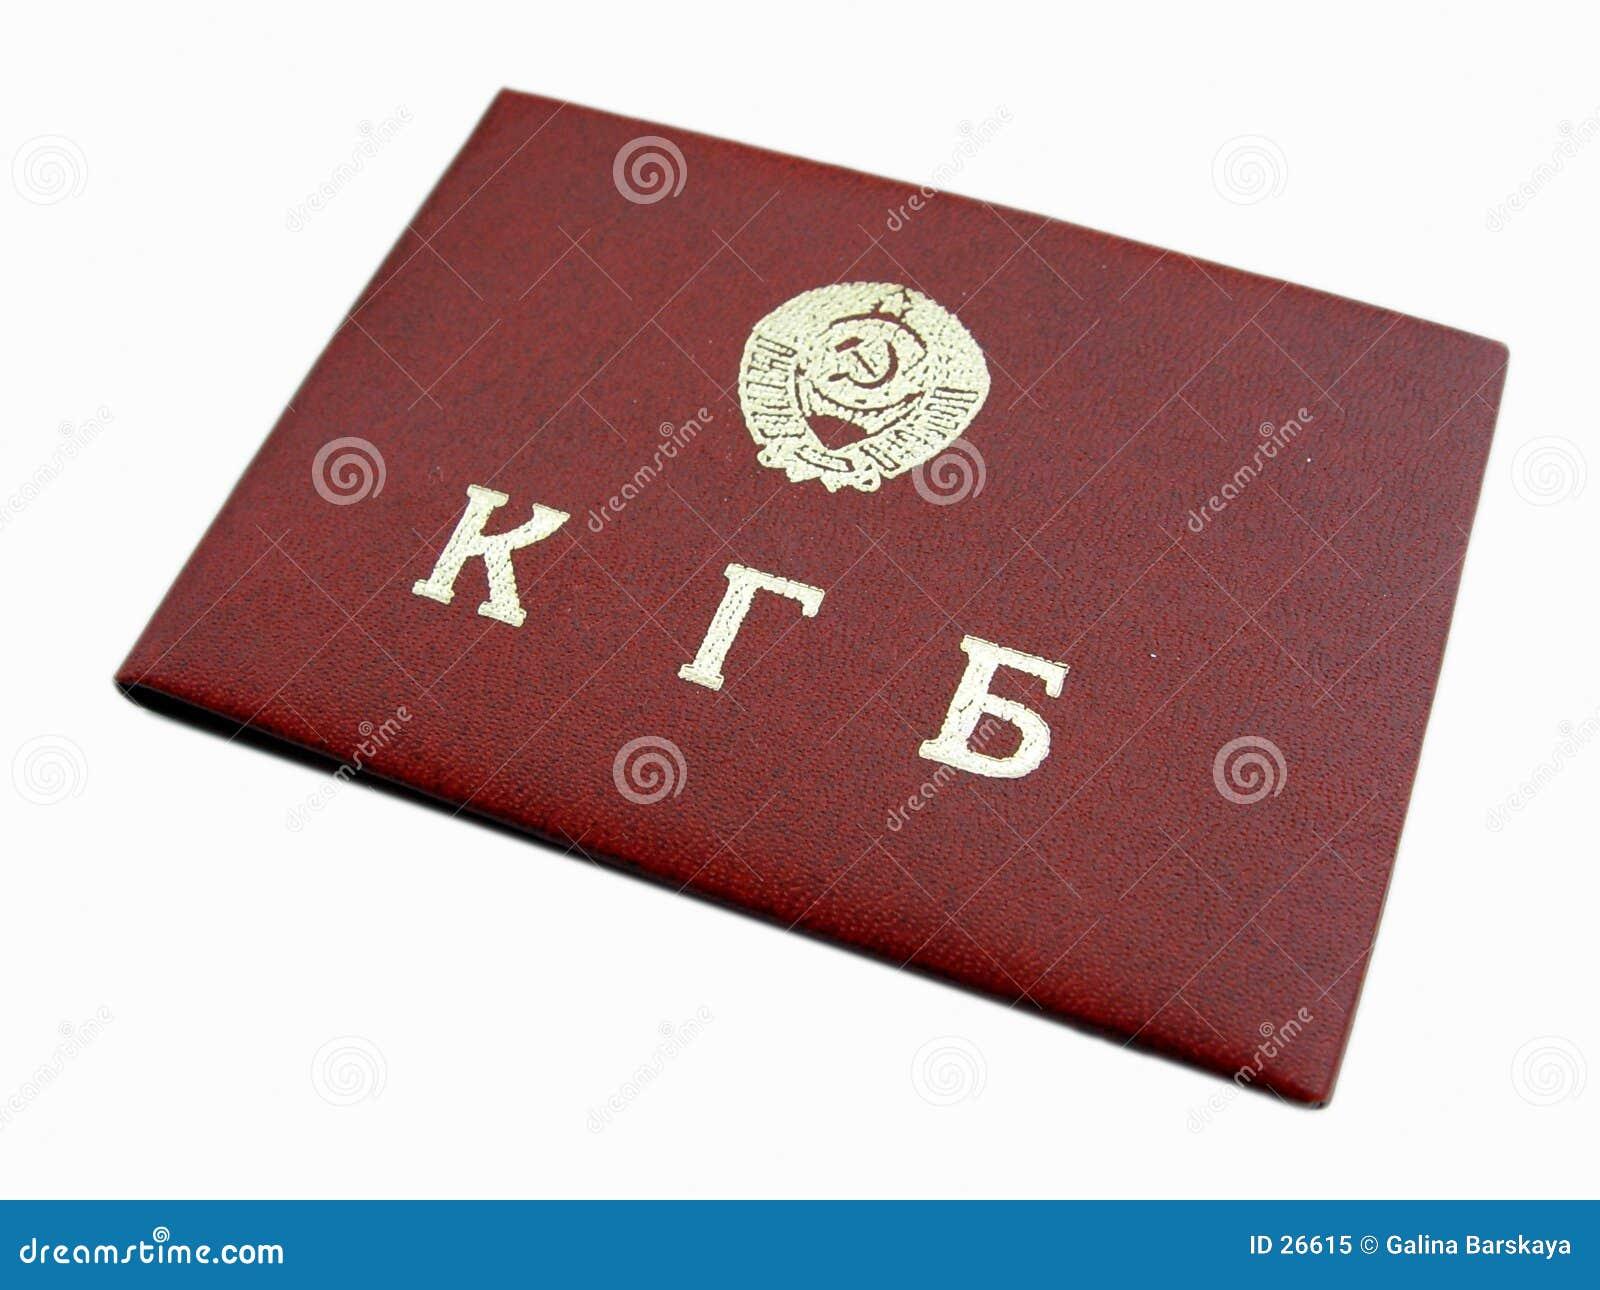 Download Documento de KGB aislado imagen de archivo. Imagen de frontera - 26615